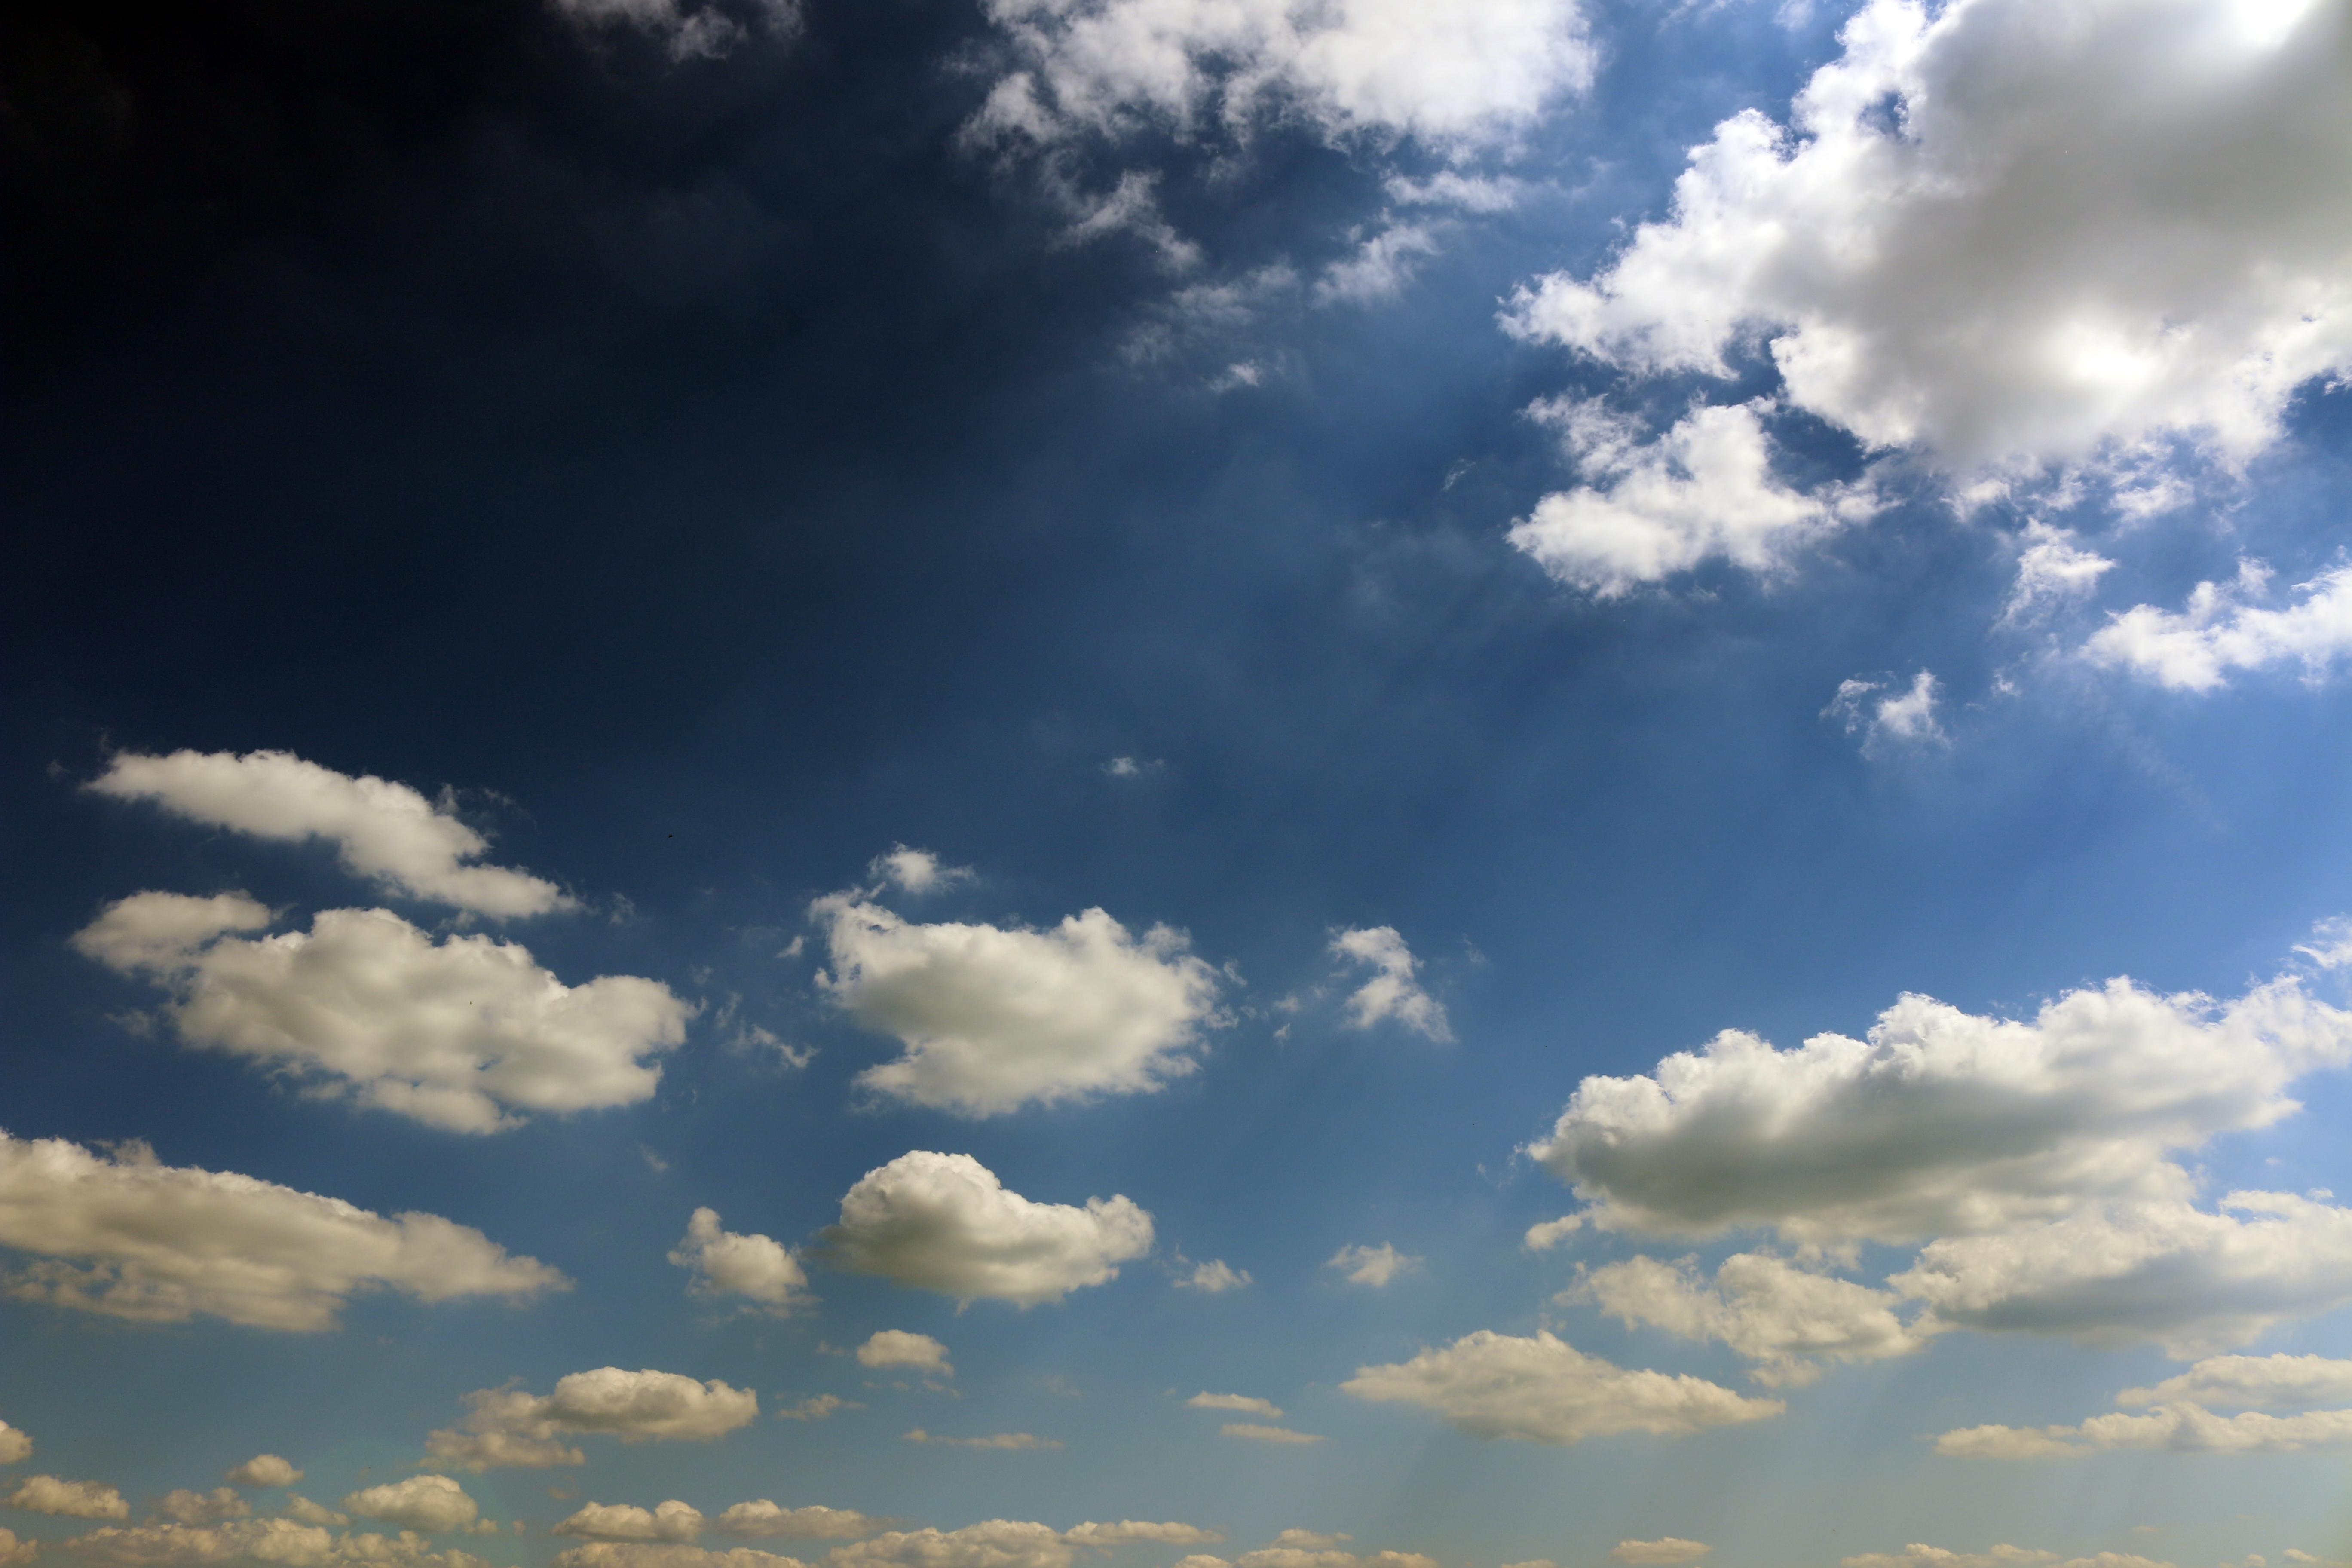 представляет распечатать картинки с небом укуса может краснеть